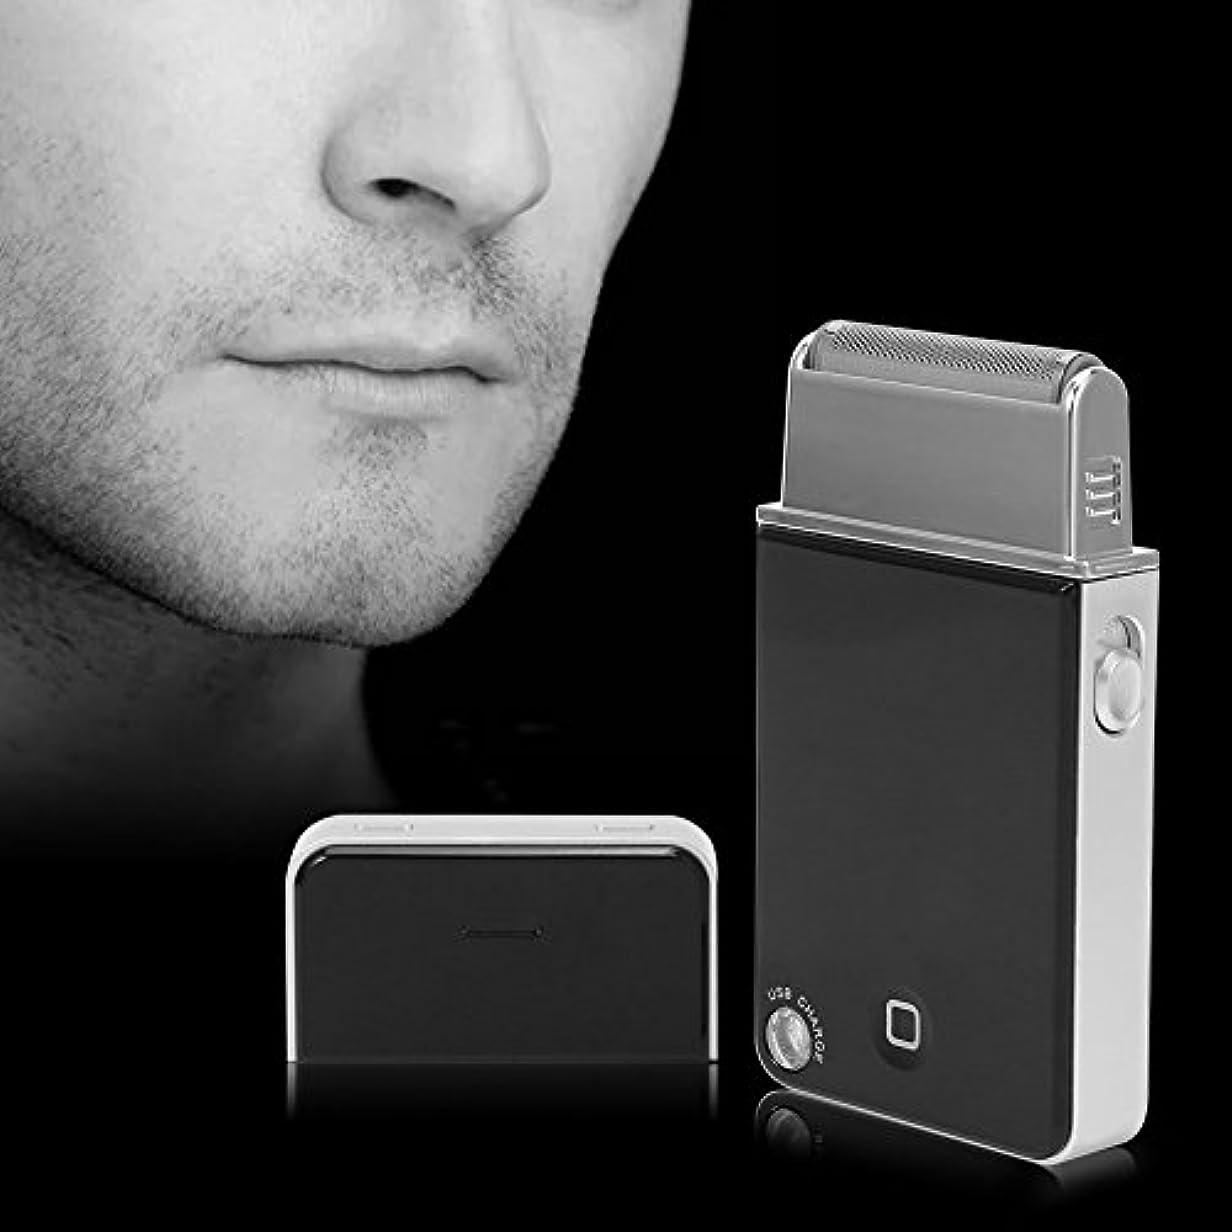 メンズ電気超薄型シェーバー 充電式 洗濯可能な湿式/ドライカミソリフェイシャルケア ビアトリムUSB充電器